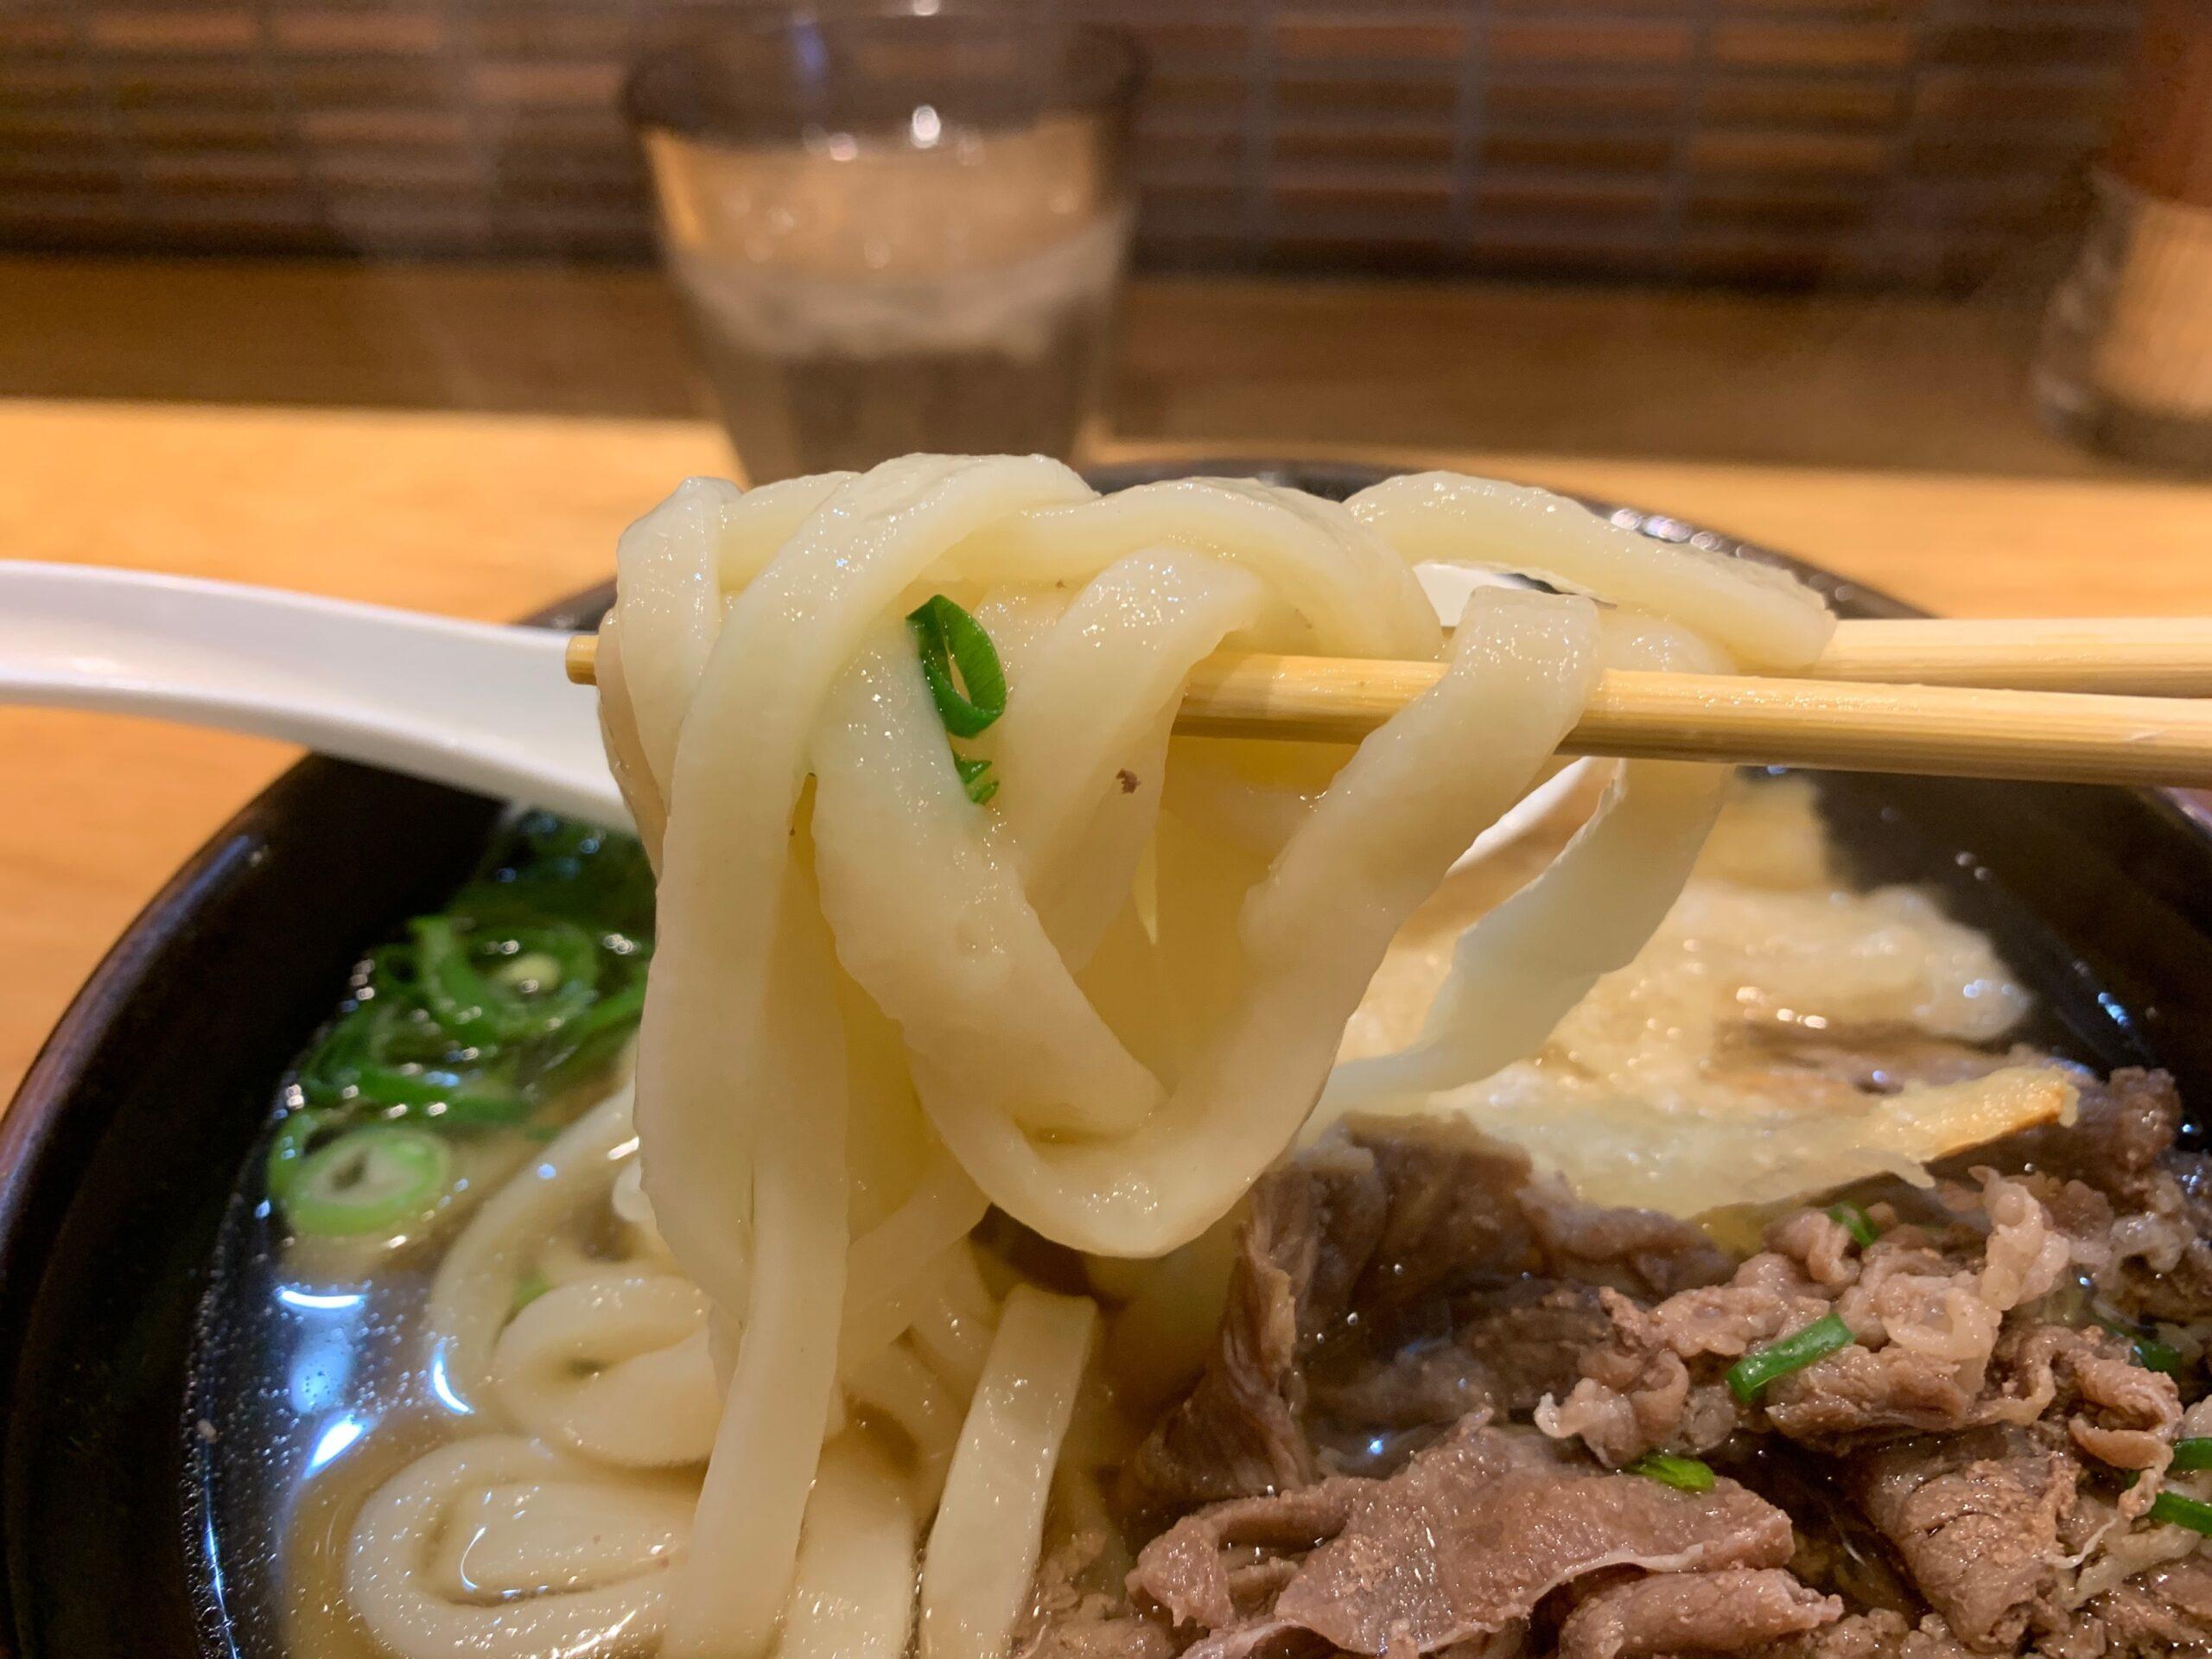 うどん平のうどん麺